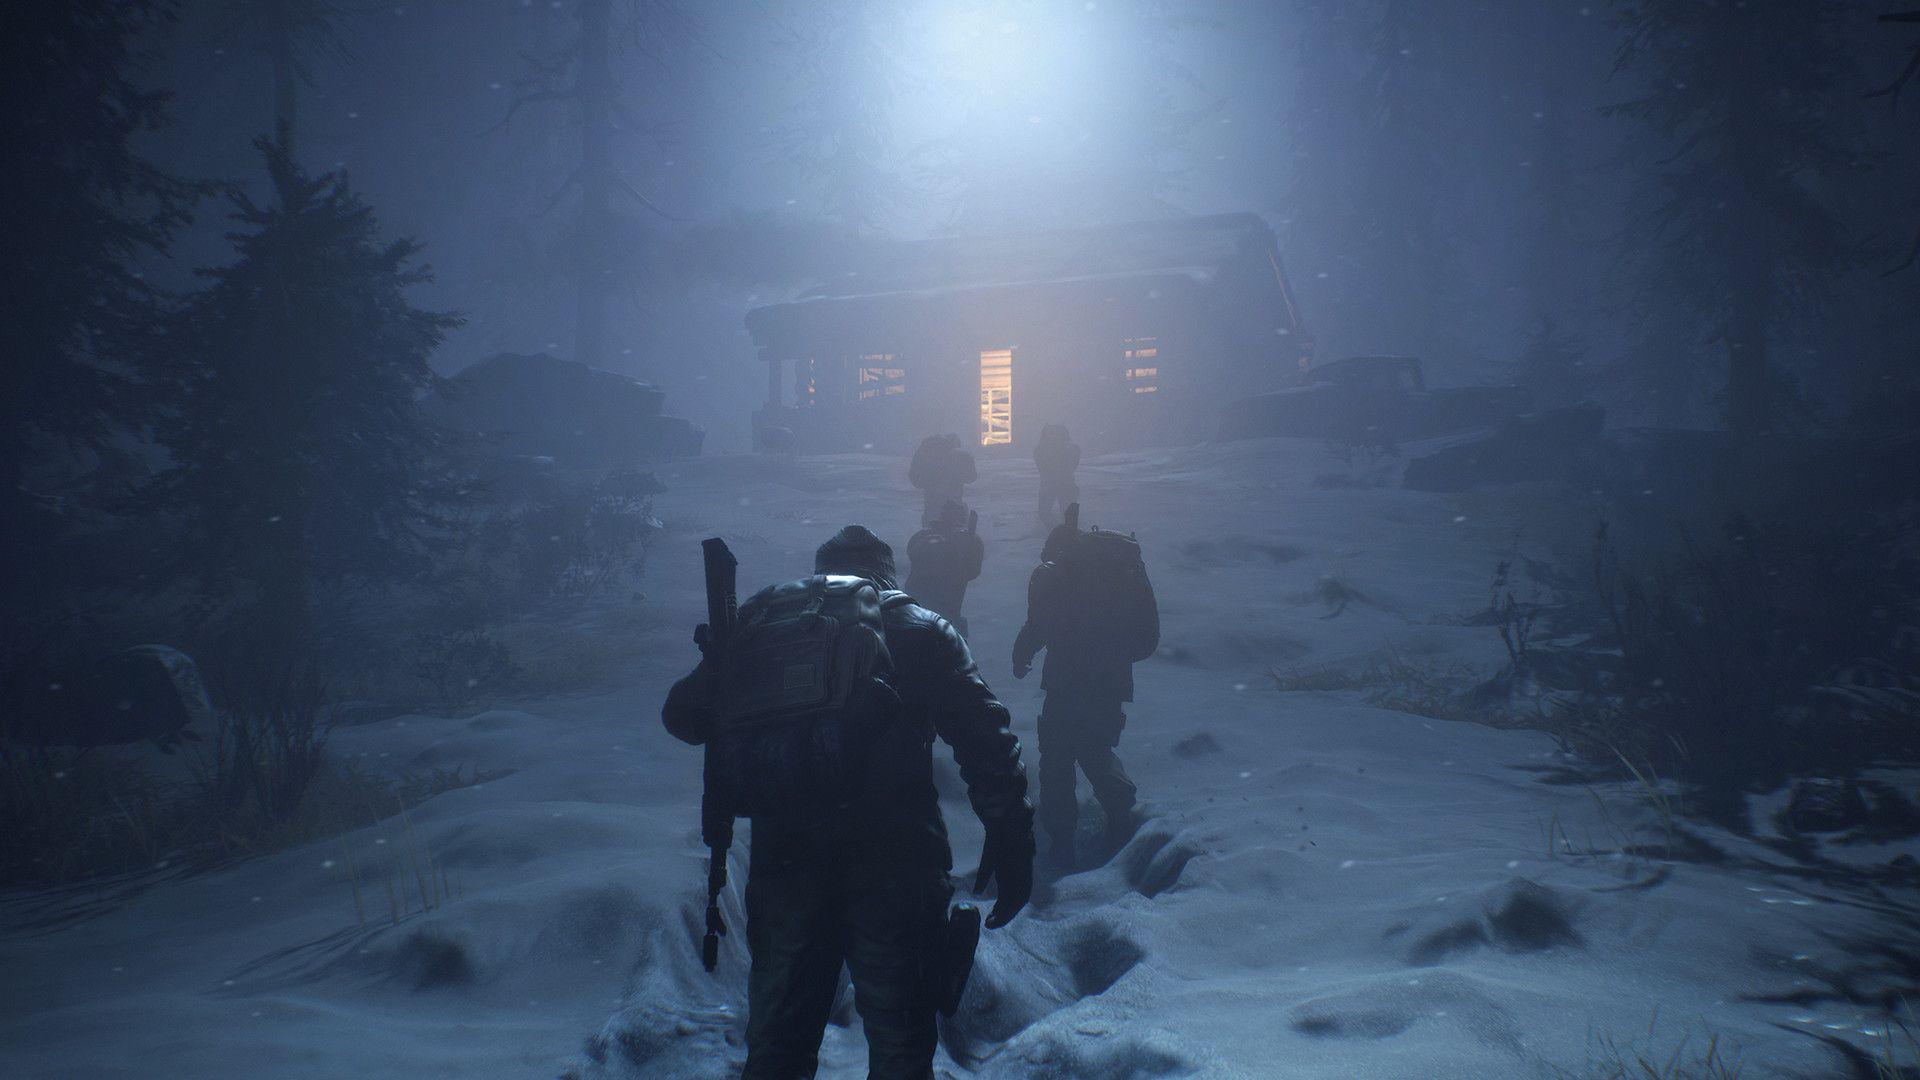 The Day Before deve ser mais do que um The Last of Us de sobrevivência 2